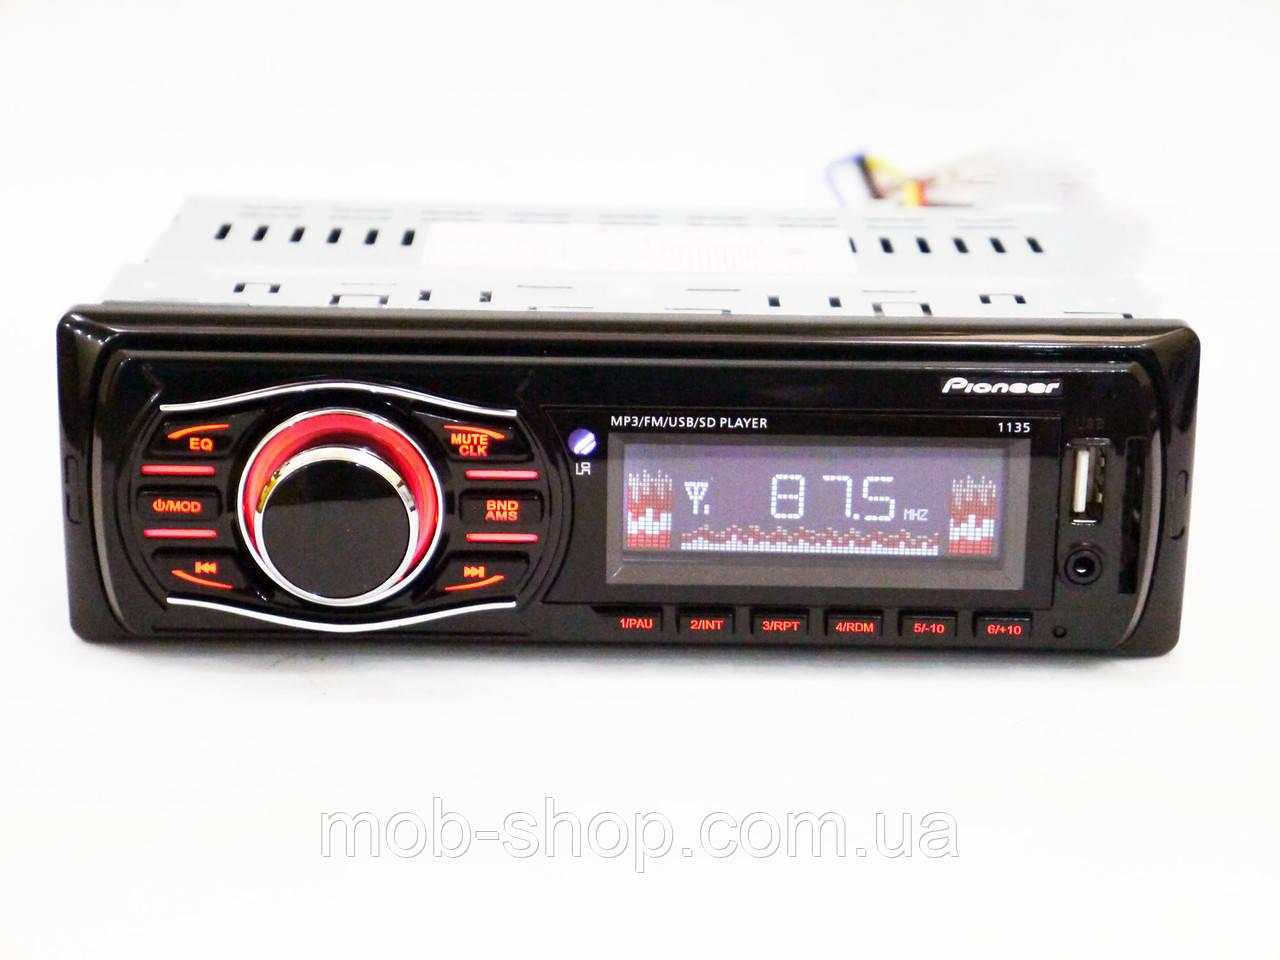 Автомагнитола пионер Pioneer 1135 MP3 USB AUX